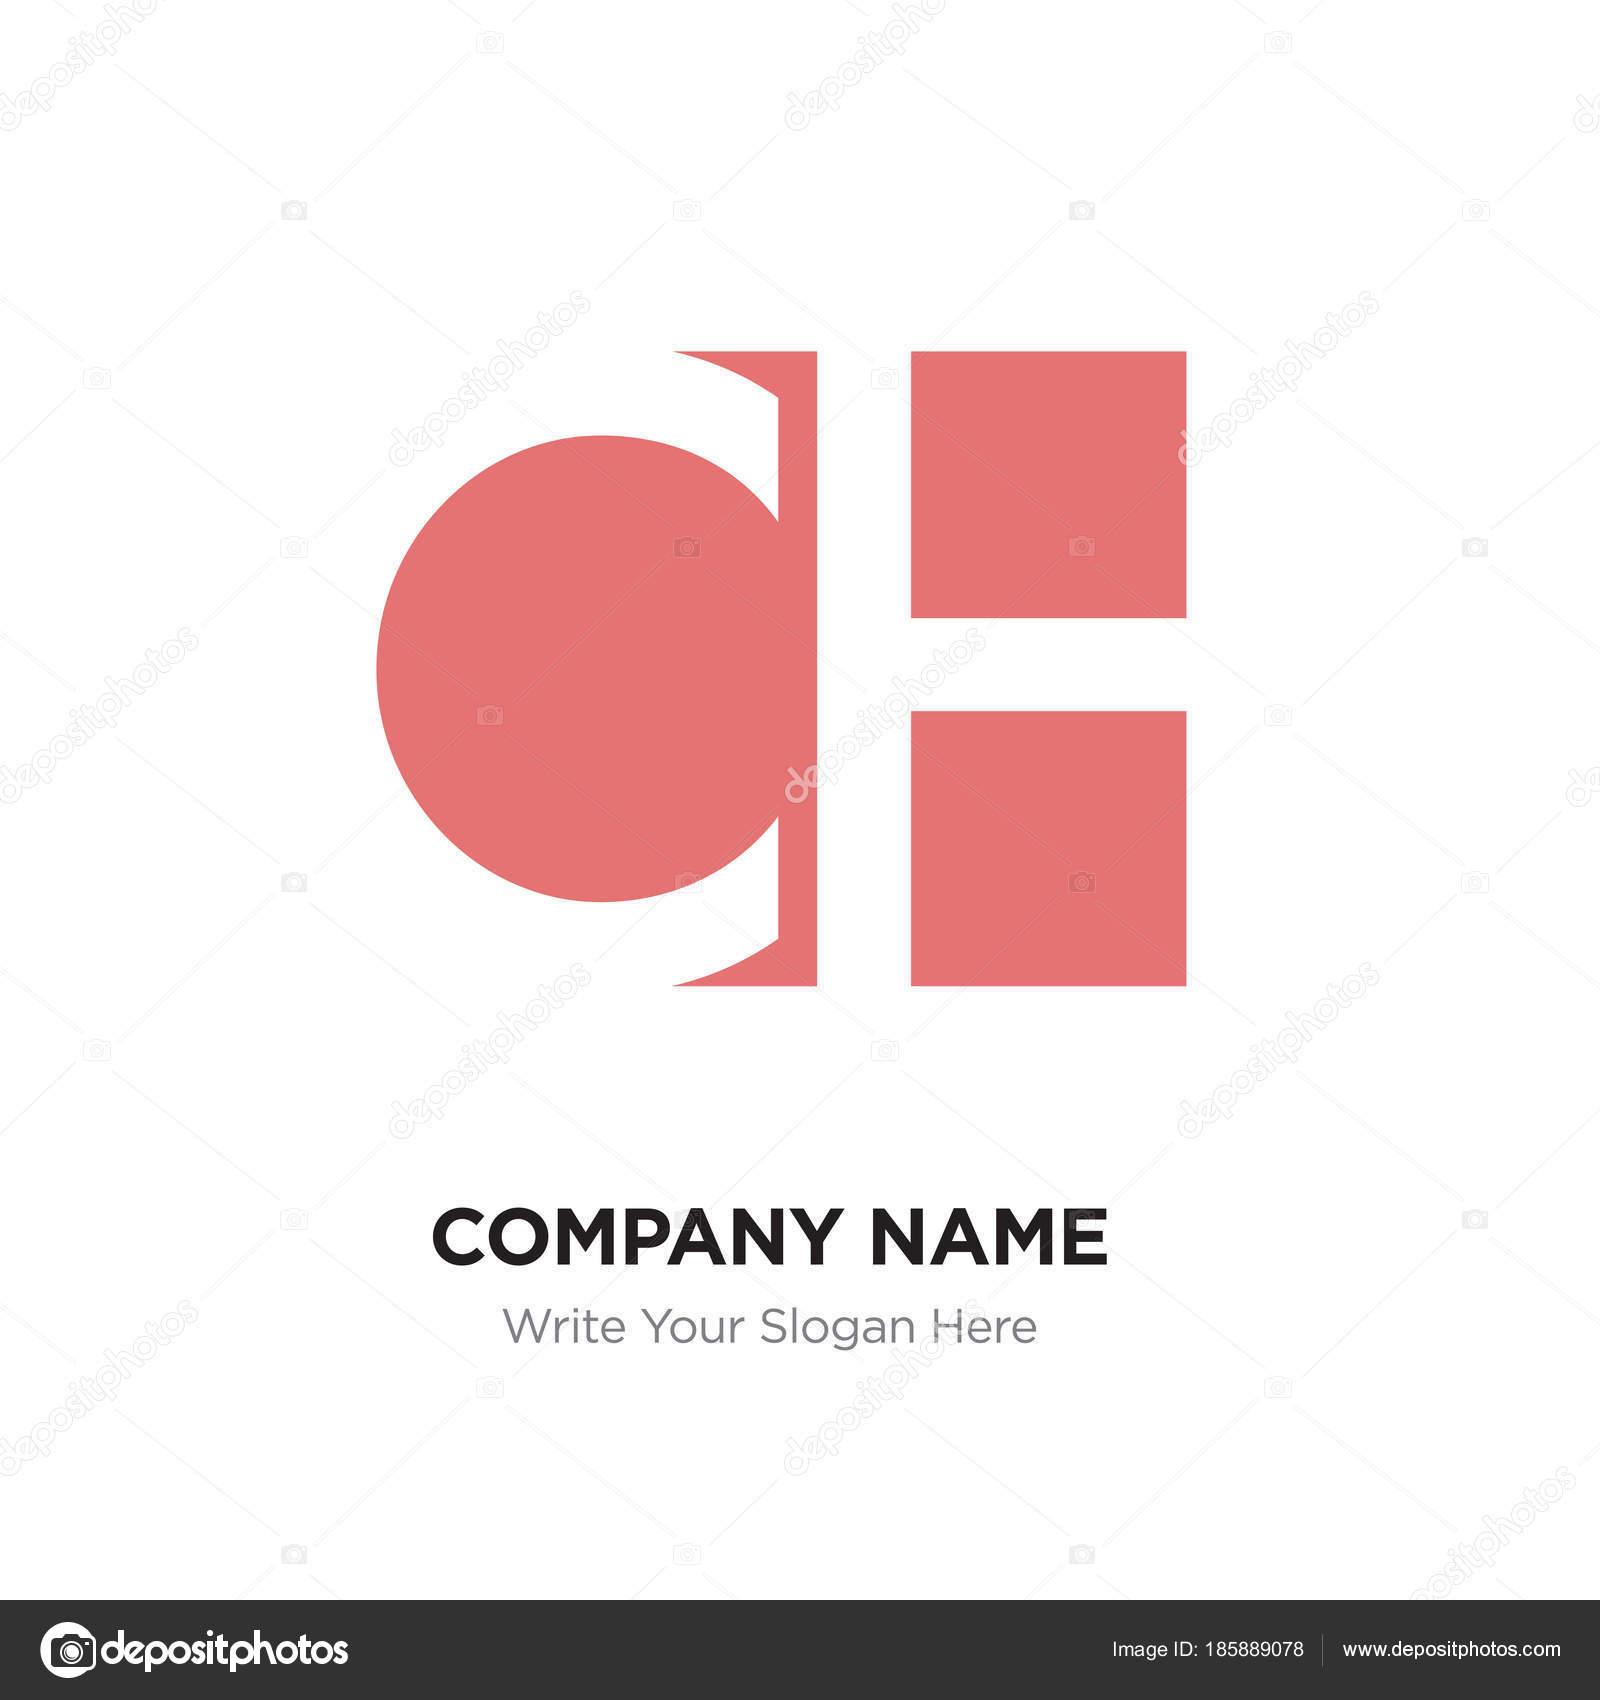 Resumen carta plantilla de diseño de logotipo Ch Hc, rojo alfabeto ...